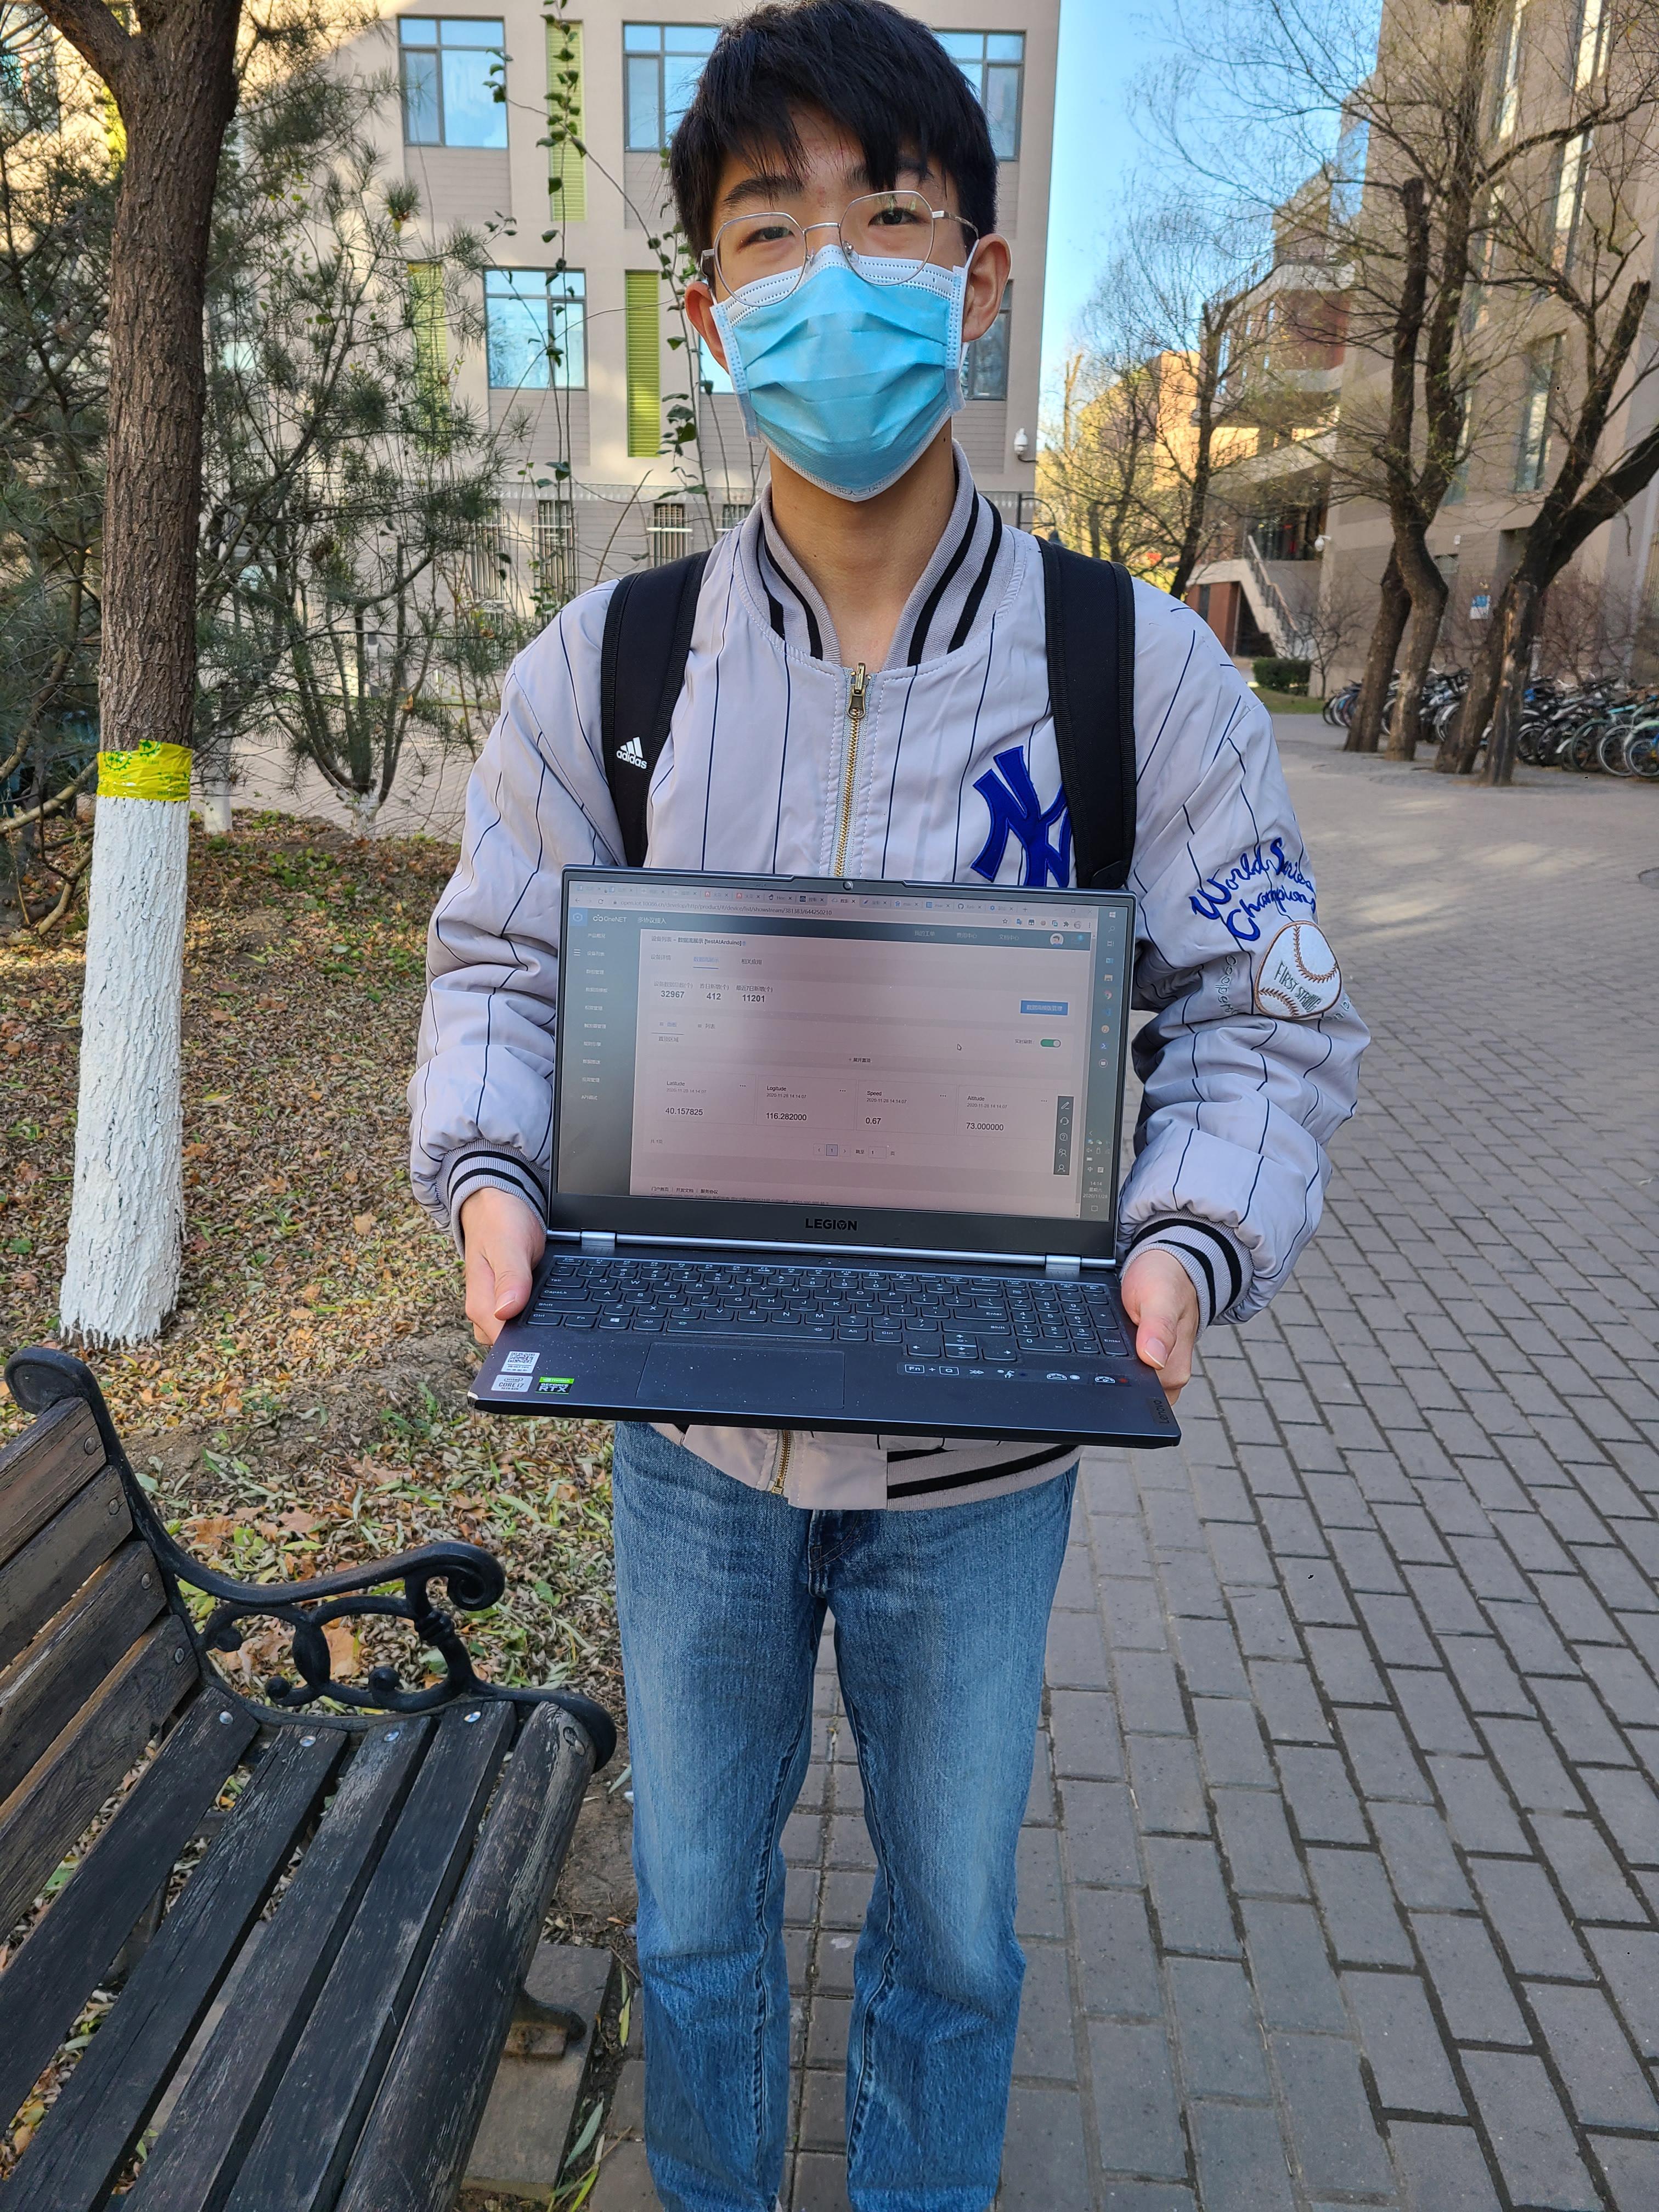 调试工具人: 移动电脑架